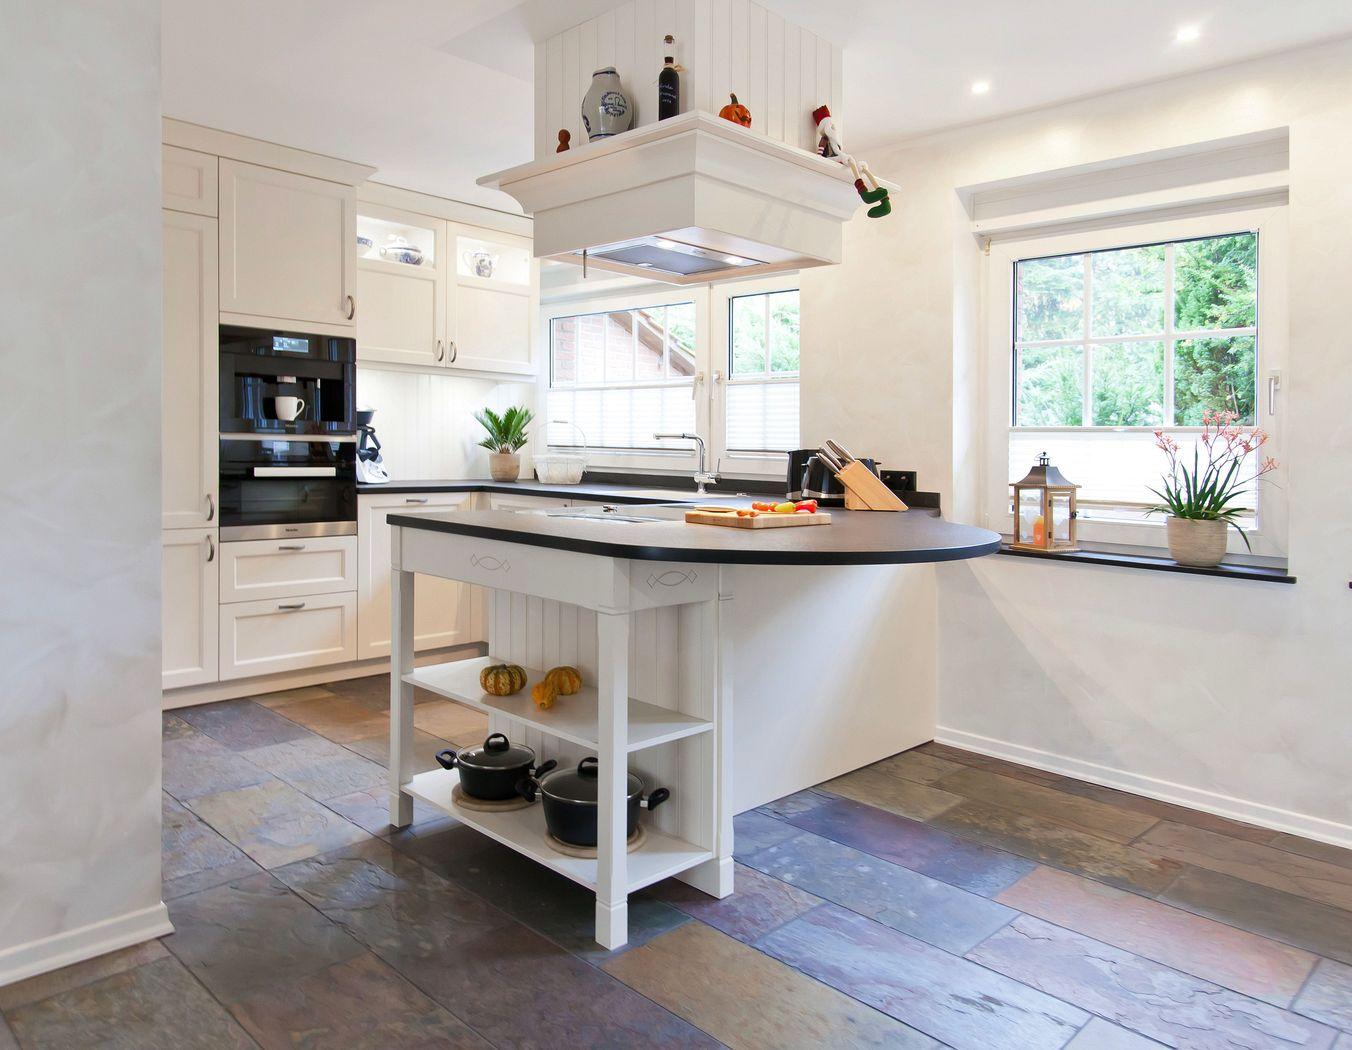 helle klassische landhausk che mit kochinsel und. Black Bedroom Furniture Sets. Home Design Ideas